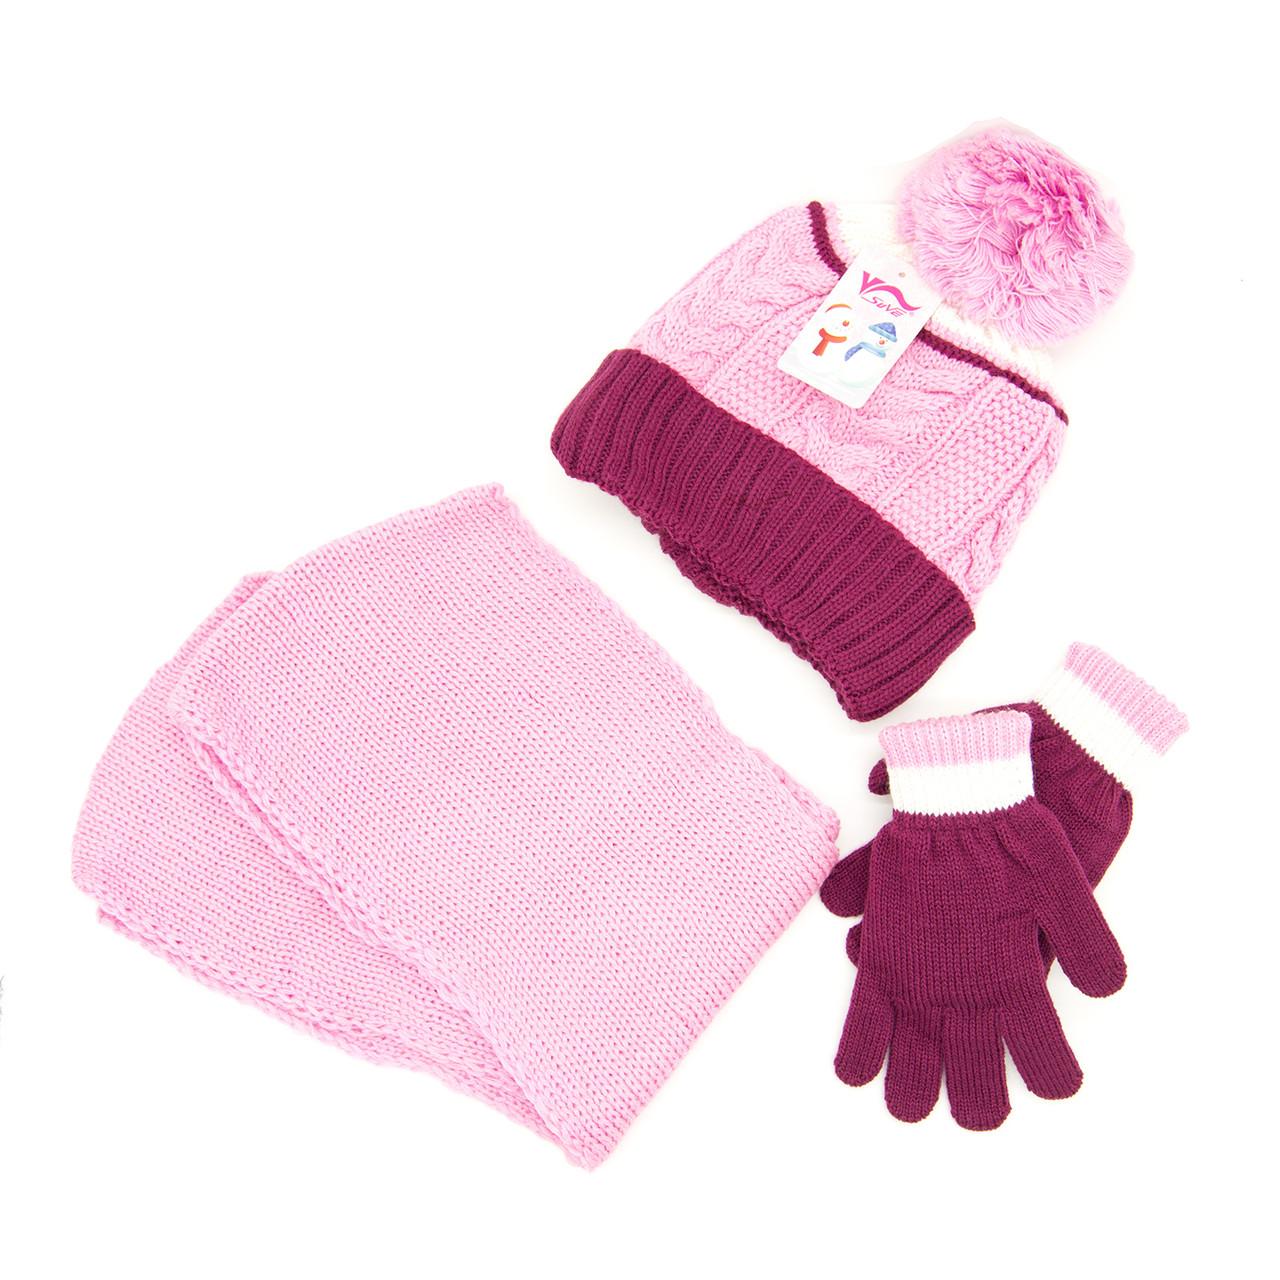 Комплект: шапка, шарф, перчатки Детский 7-12 лет Розово-бордовый